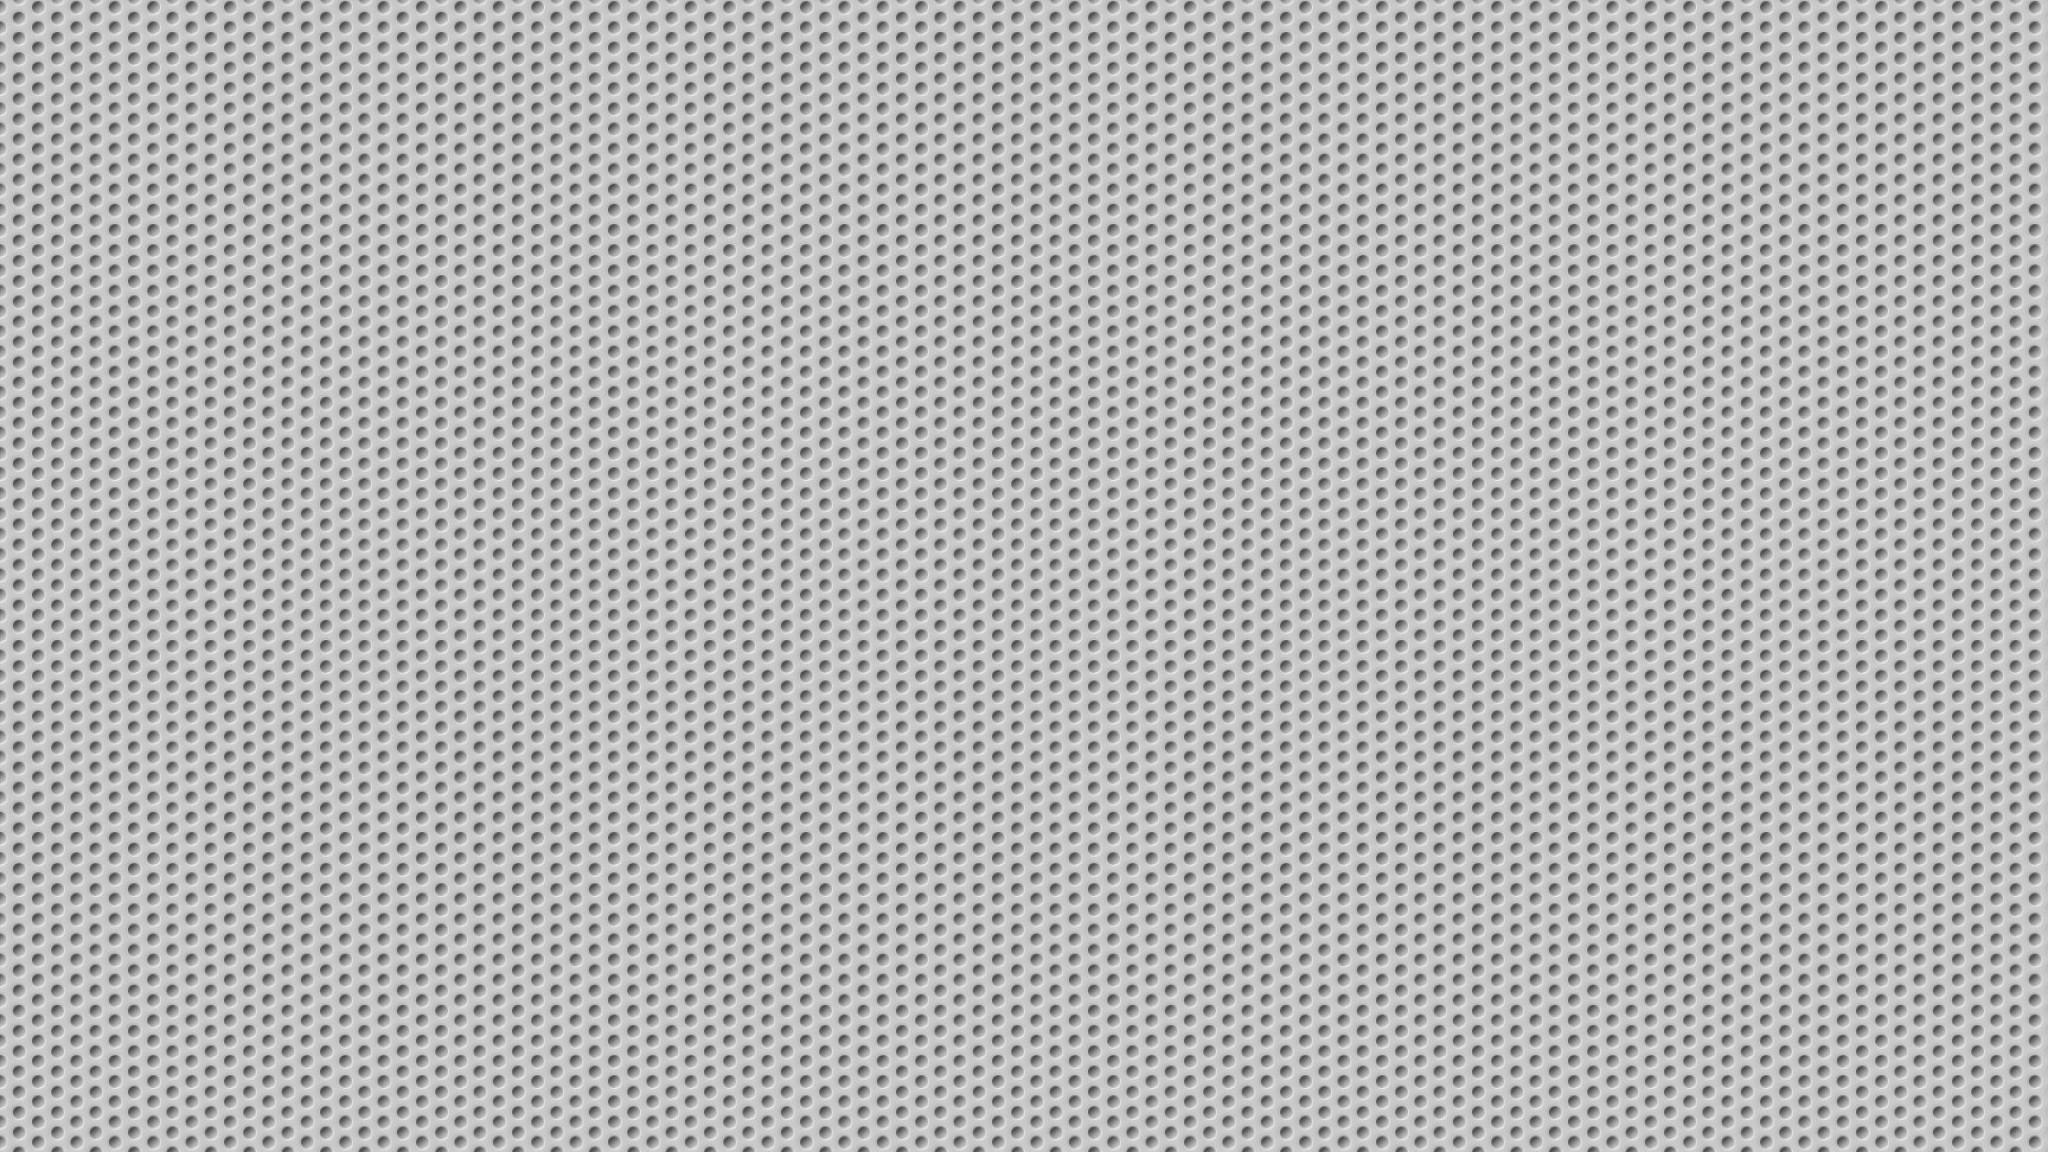 Wallpaper dot, lights, light, texture, background